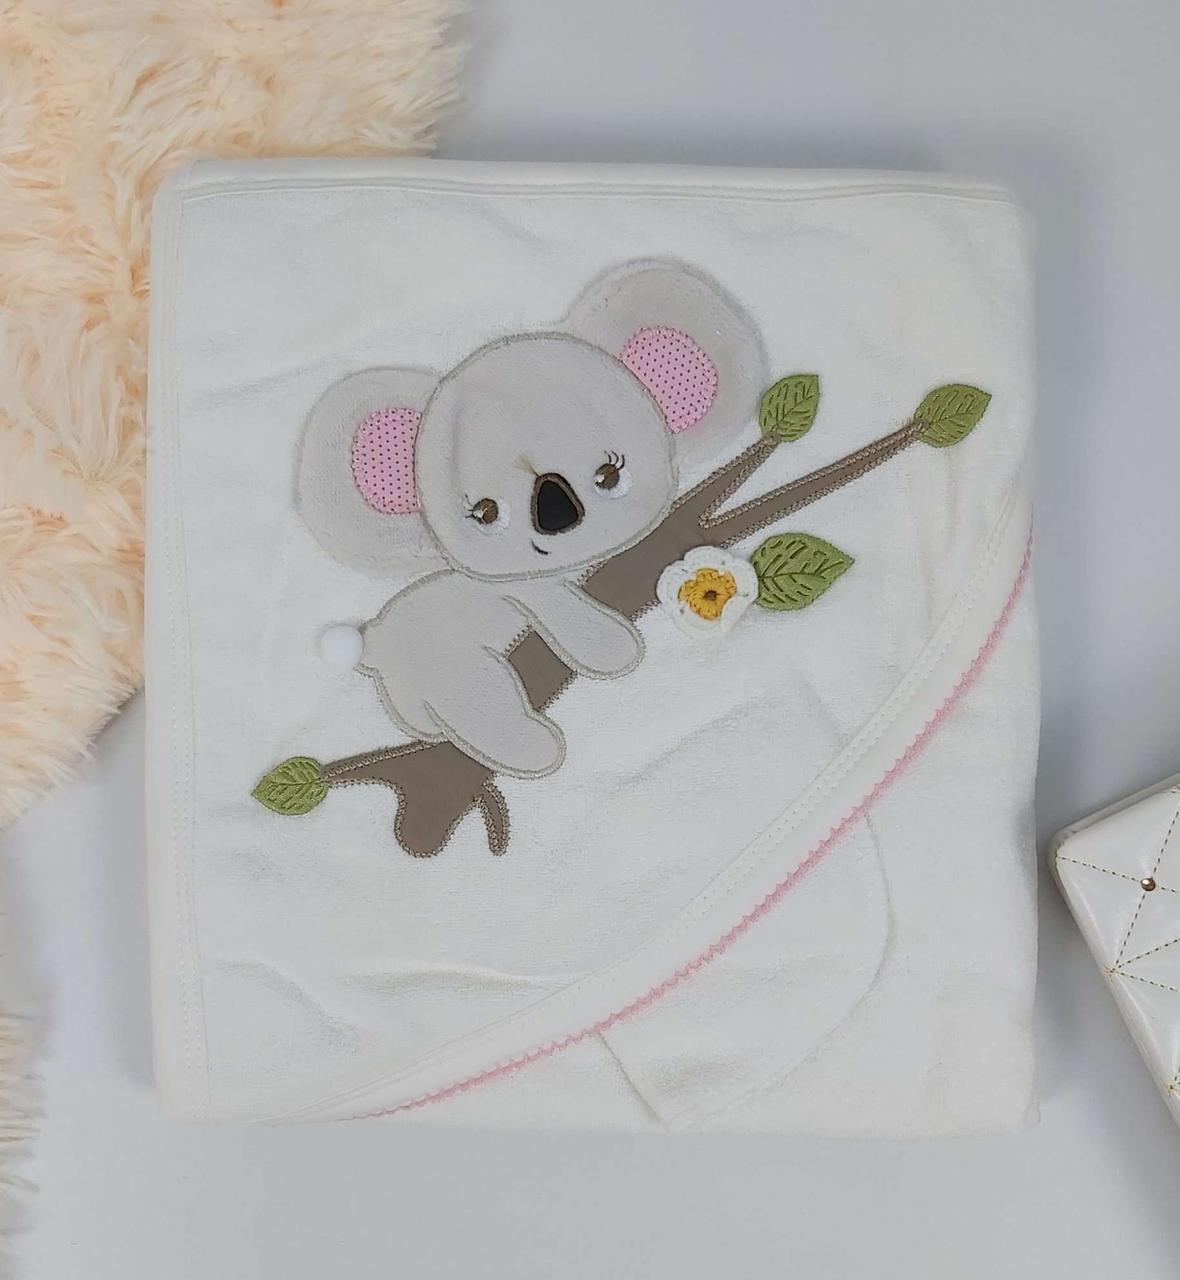 Детское полотенце-уголок с рукавичкой Коала